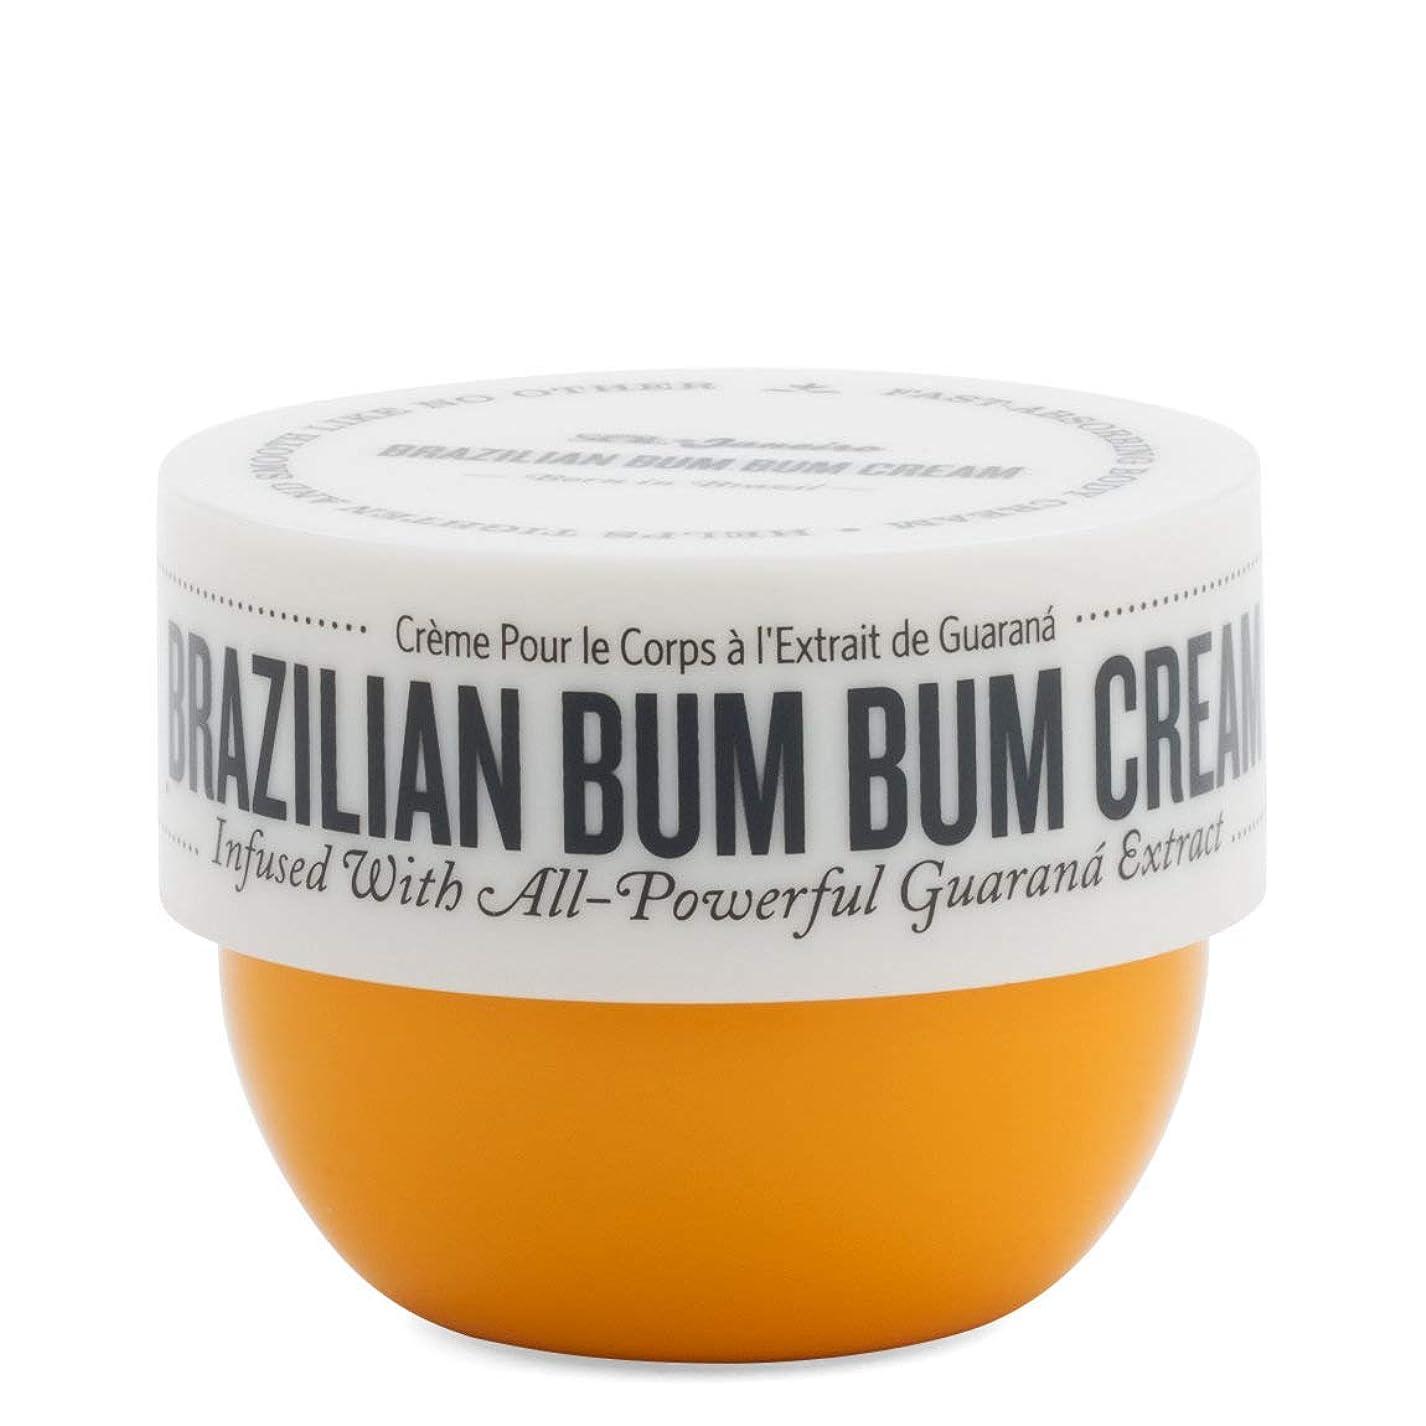 東ティモールアレルギー性添加《 ブラジリアン ブンブンクリーム 》Brazilian BUM BUM Cream (240ml)